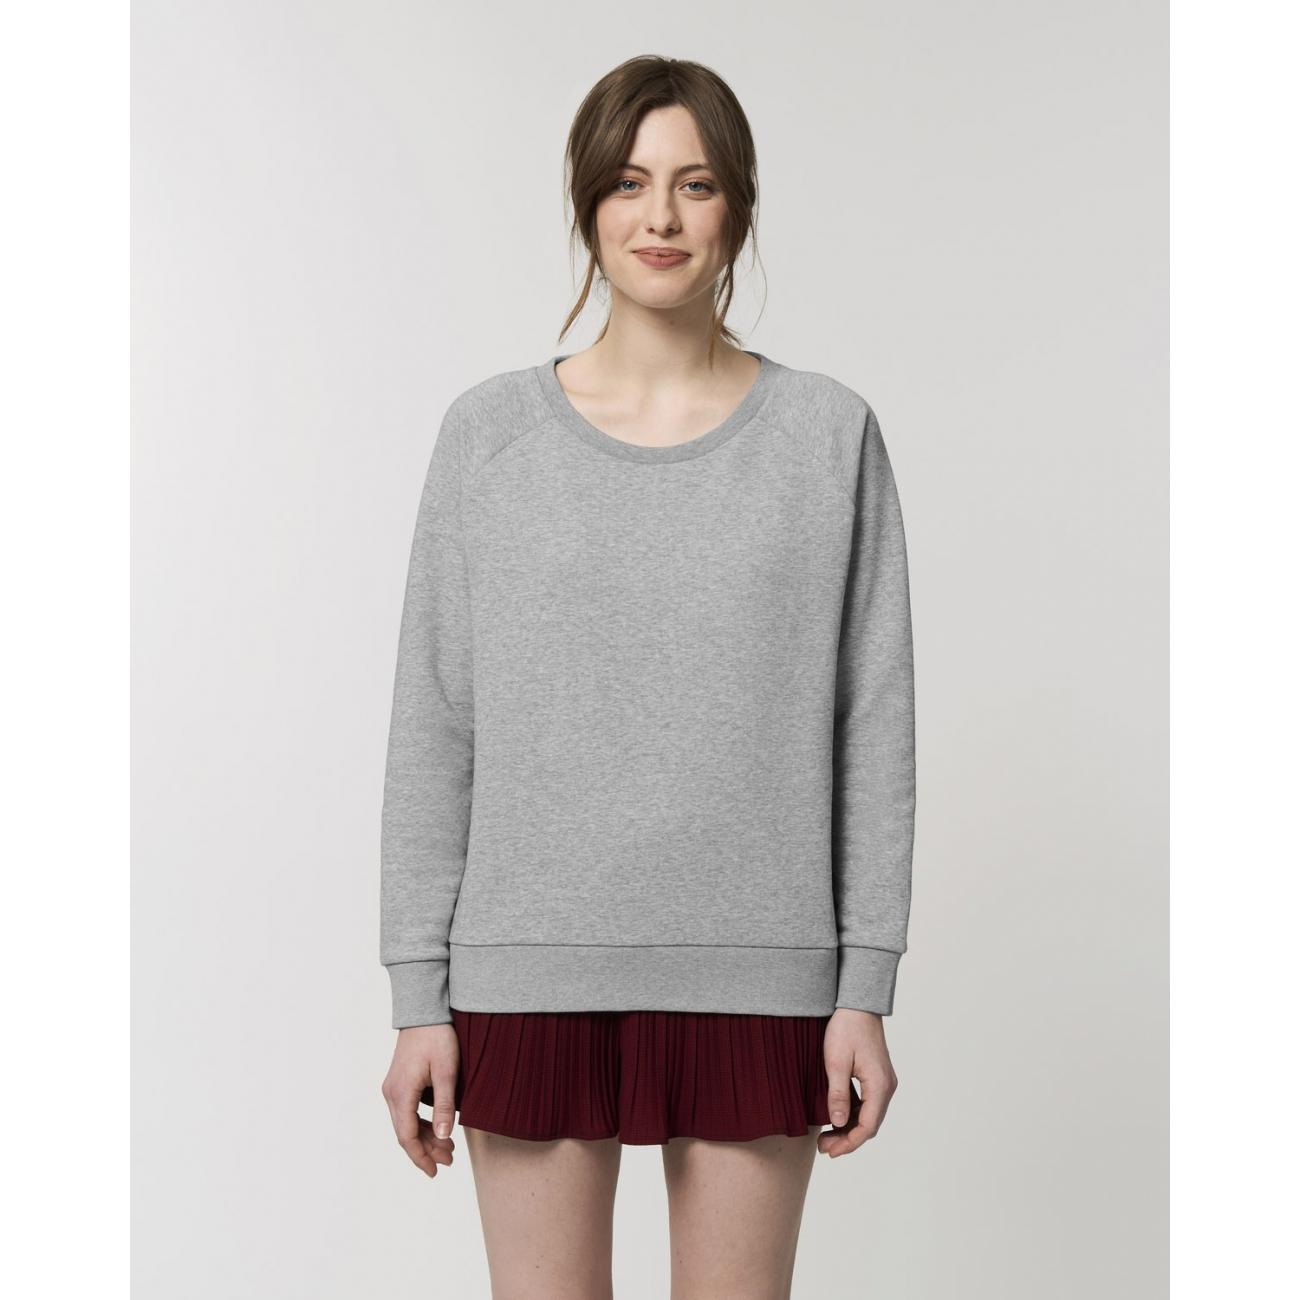 https://tee-shirt-bio.com/8816-thickbox_default/sweat-col-rond-gris-chine-coton-bio-ethique-stella-dazzler.jpg